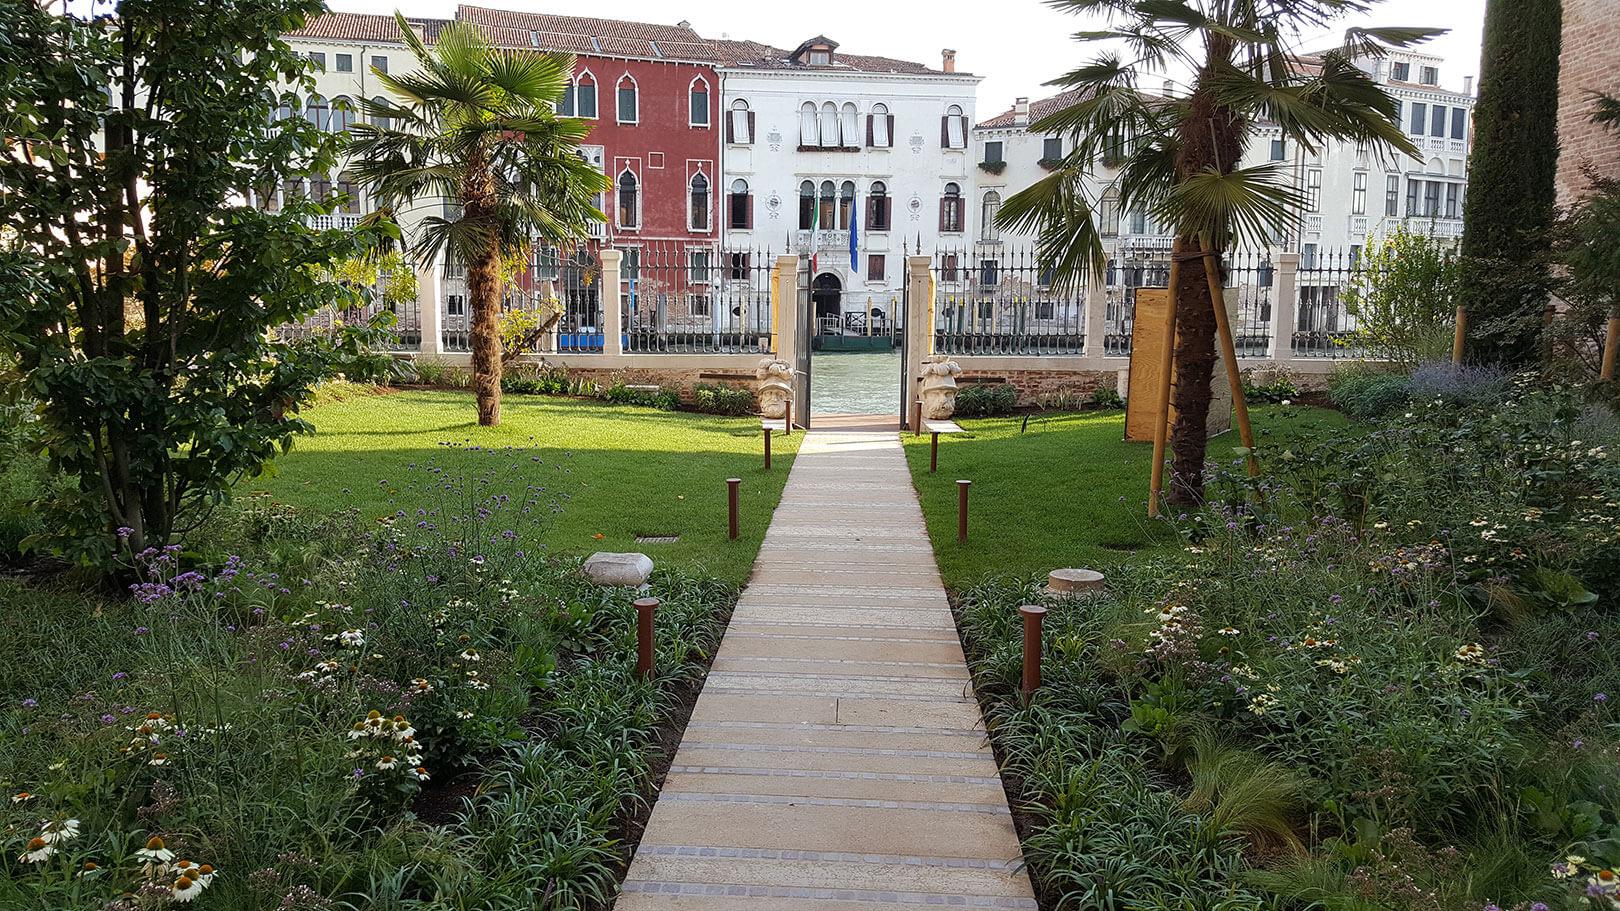 Palazzo-Venart-Garden-Grand-Canal-a